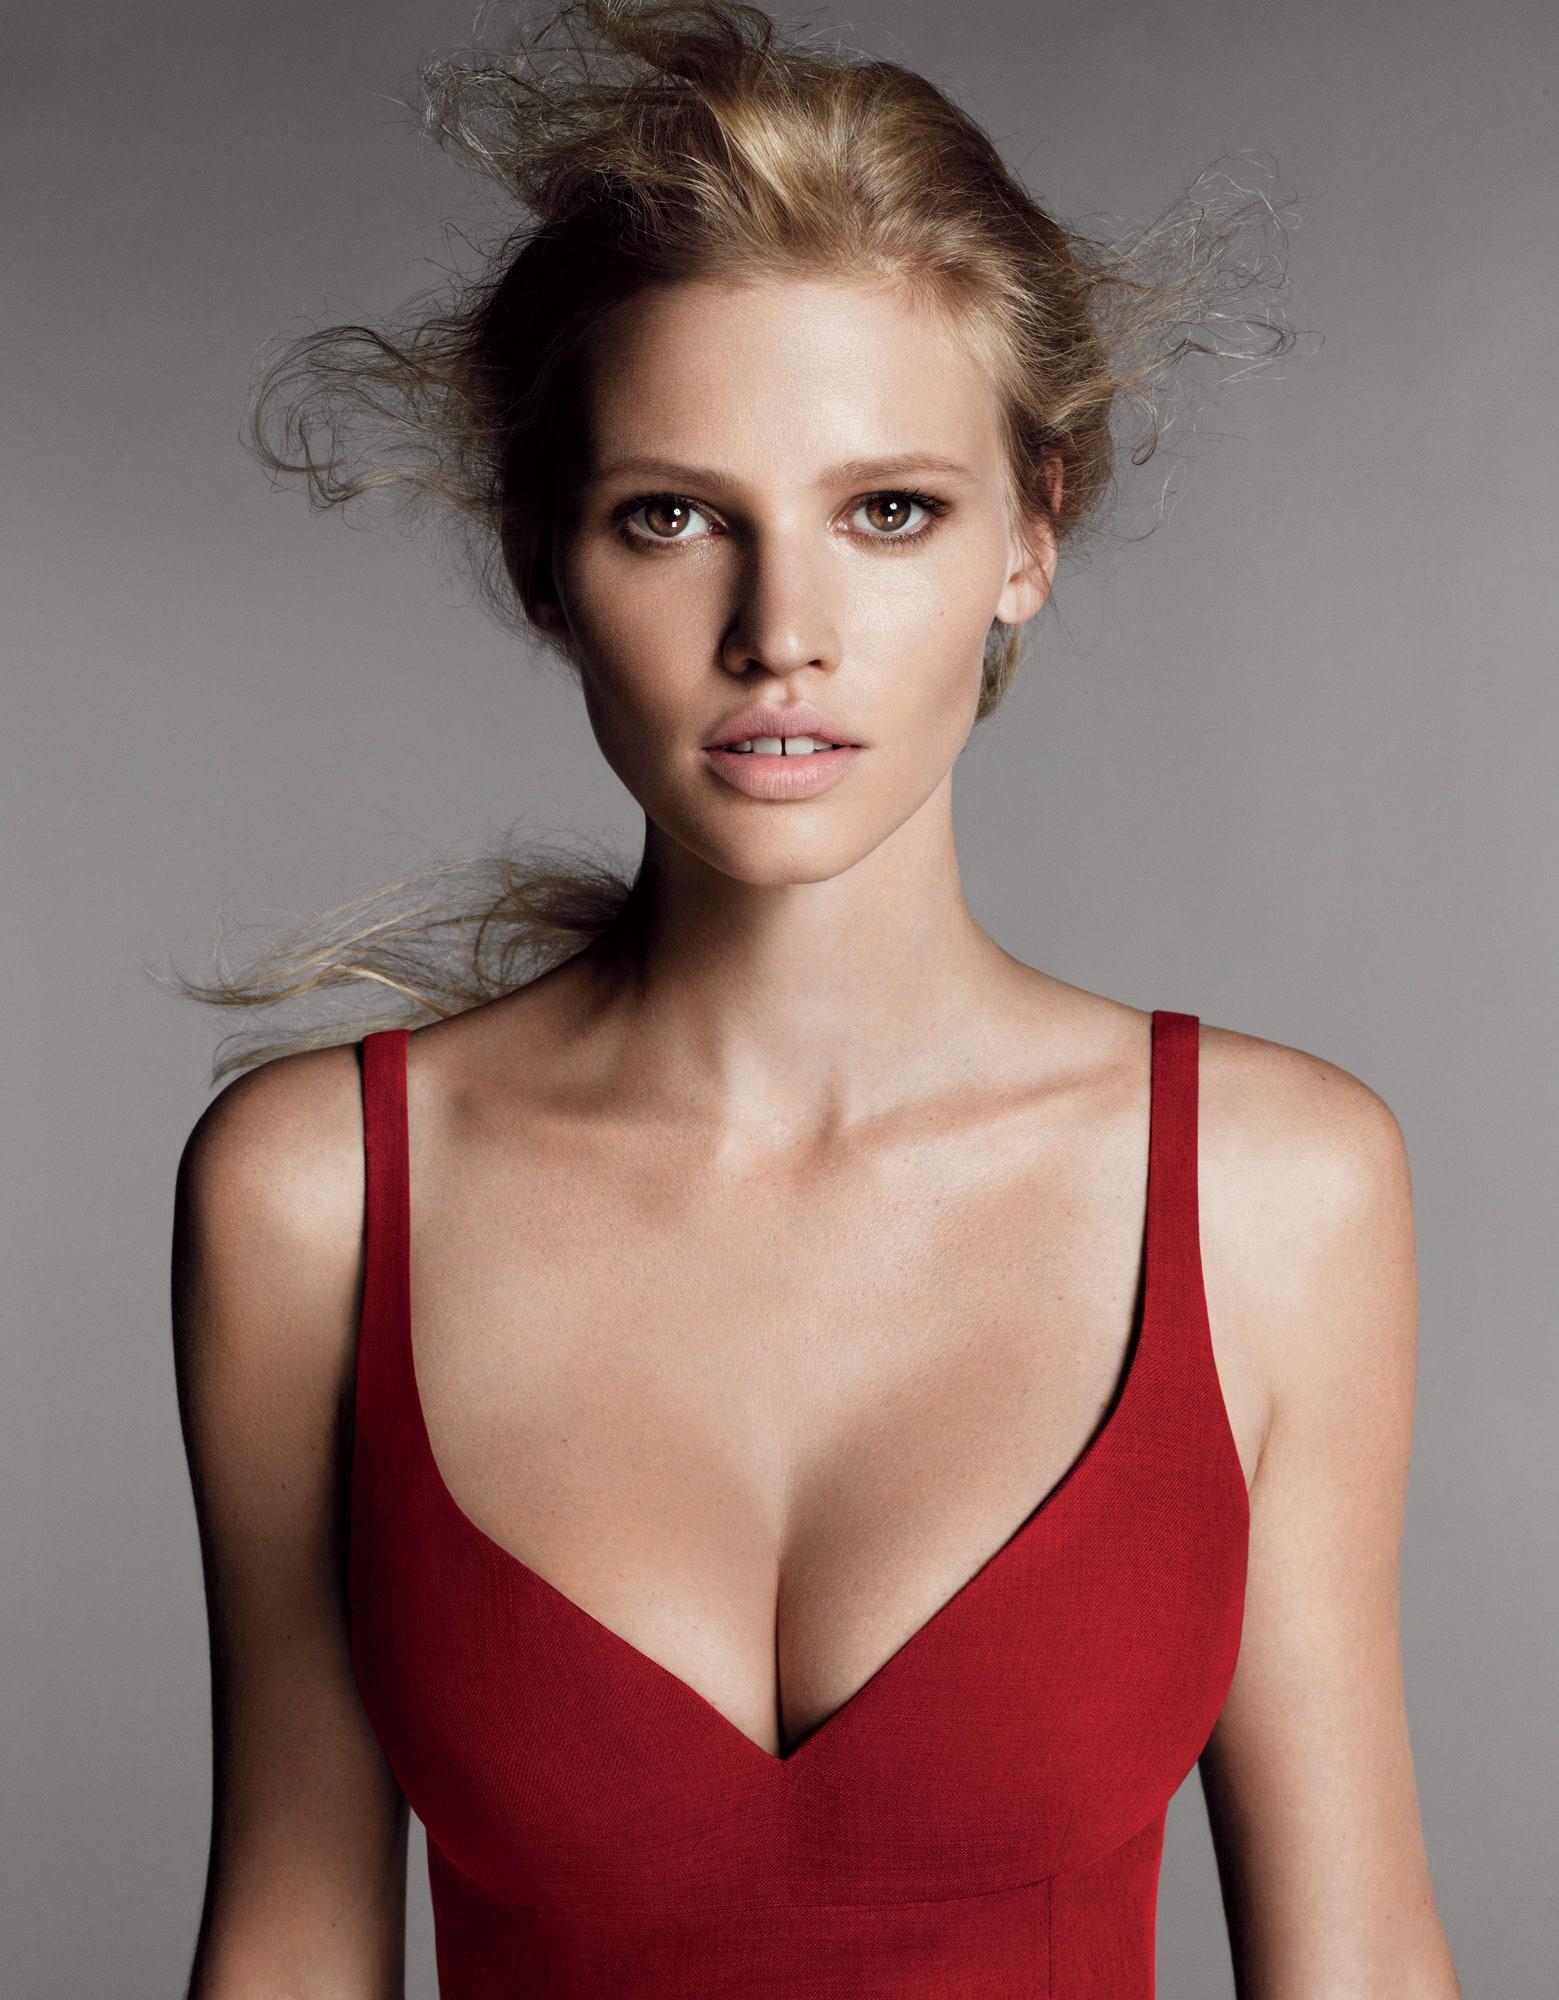 Shrinking is whos women breast